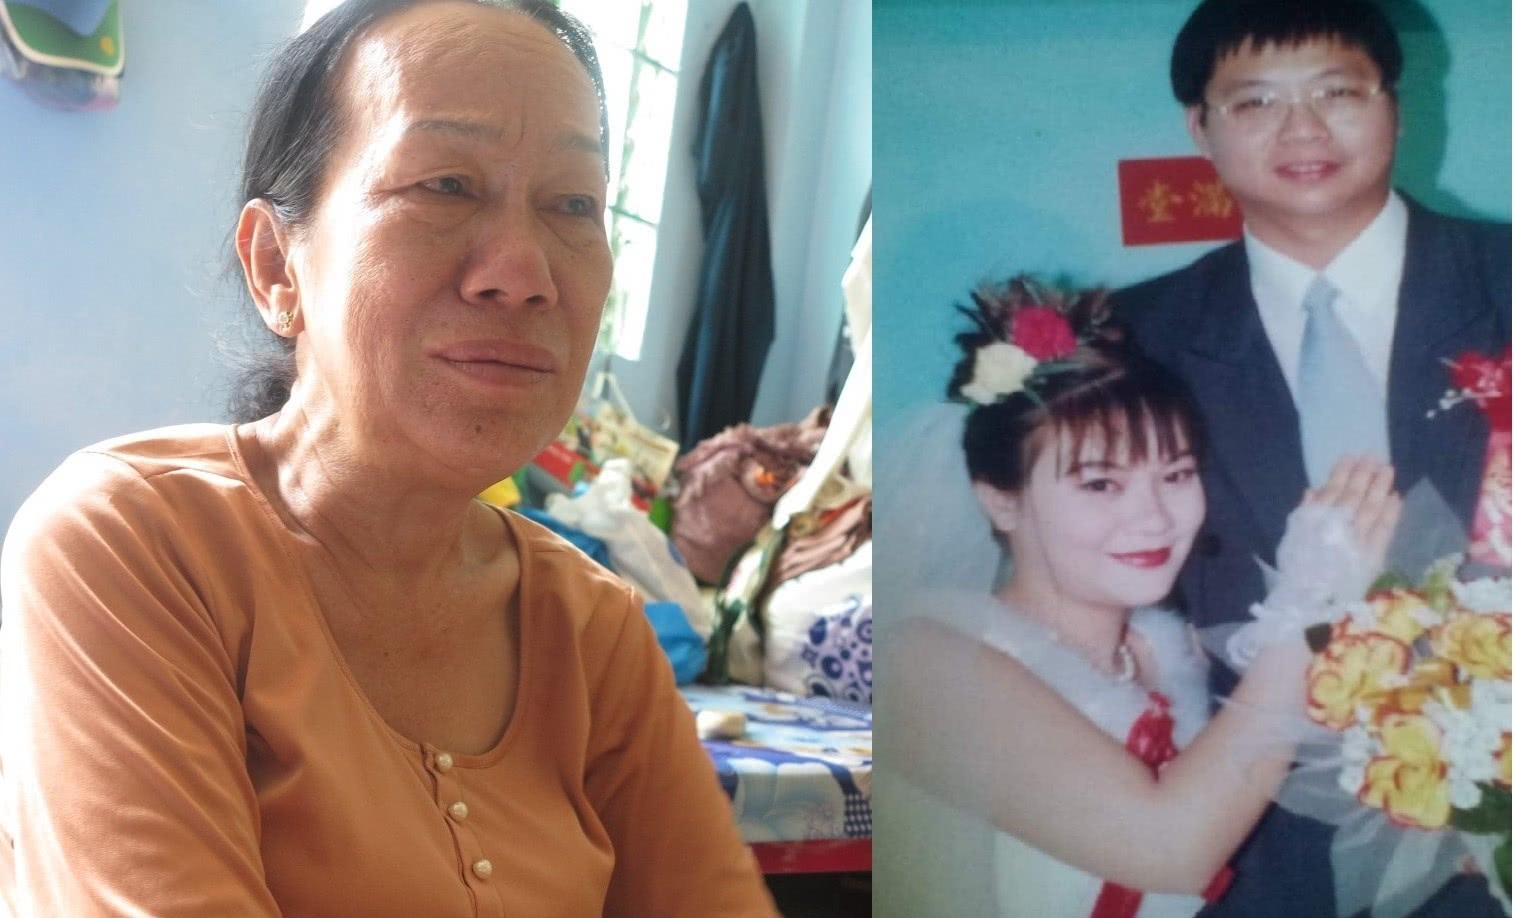 17岁女孩为了彩礼远嫁后失踪16年,其母找上门时女婿早已另娶